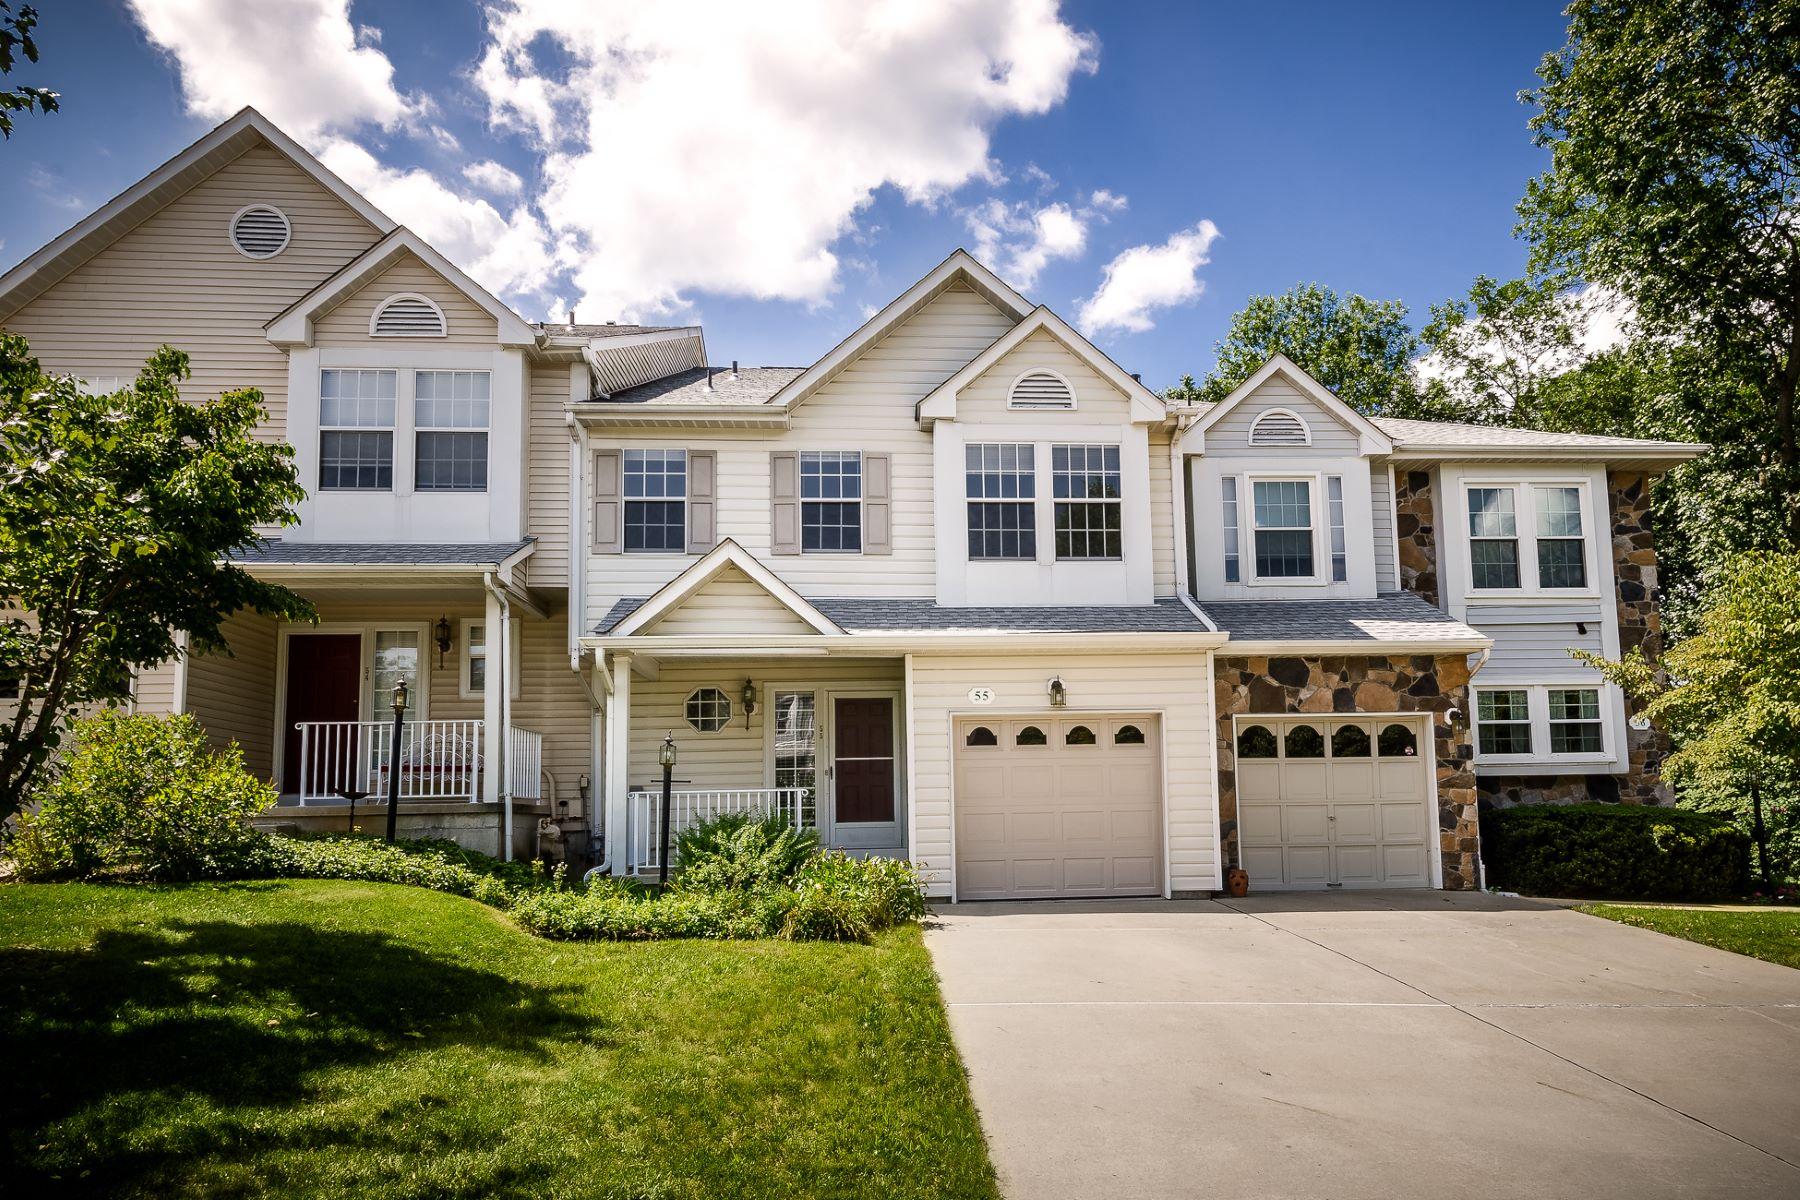 Таунхаус для того Продажа на Location and Lifestyle 55 Castleton Road, Princeton, Нью-Джерси 08540 Соединенные ШтатыВ/Около: Montgomery Township